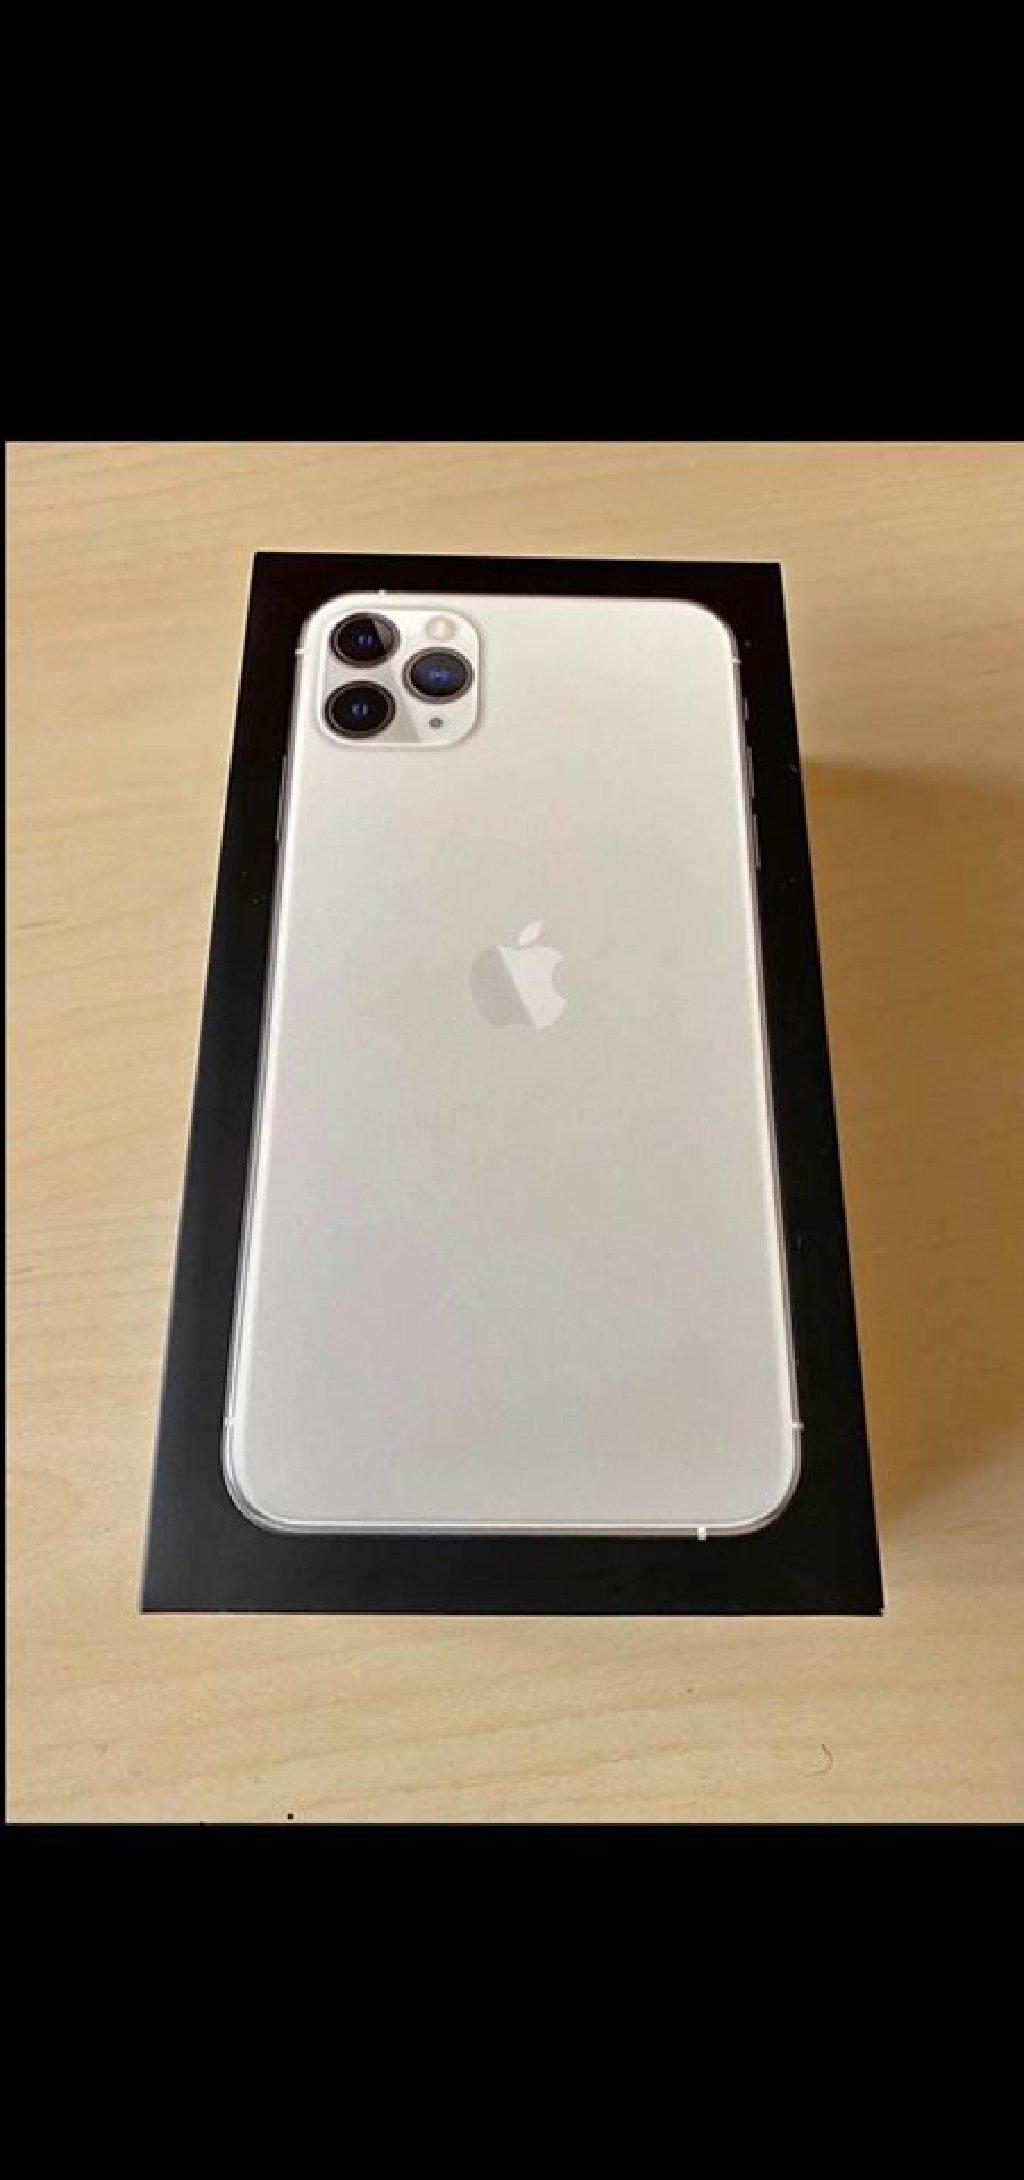 Πωλείται iPhone 11 Pro Max αγορασμένο 7/3/2020 από κοτσοβολο